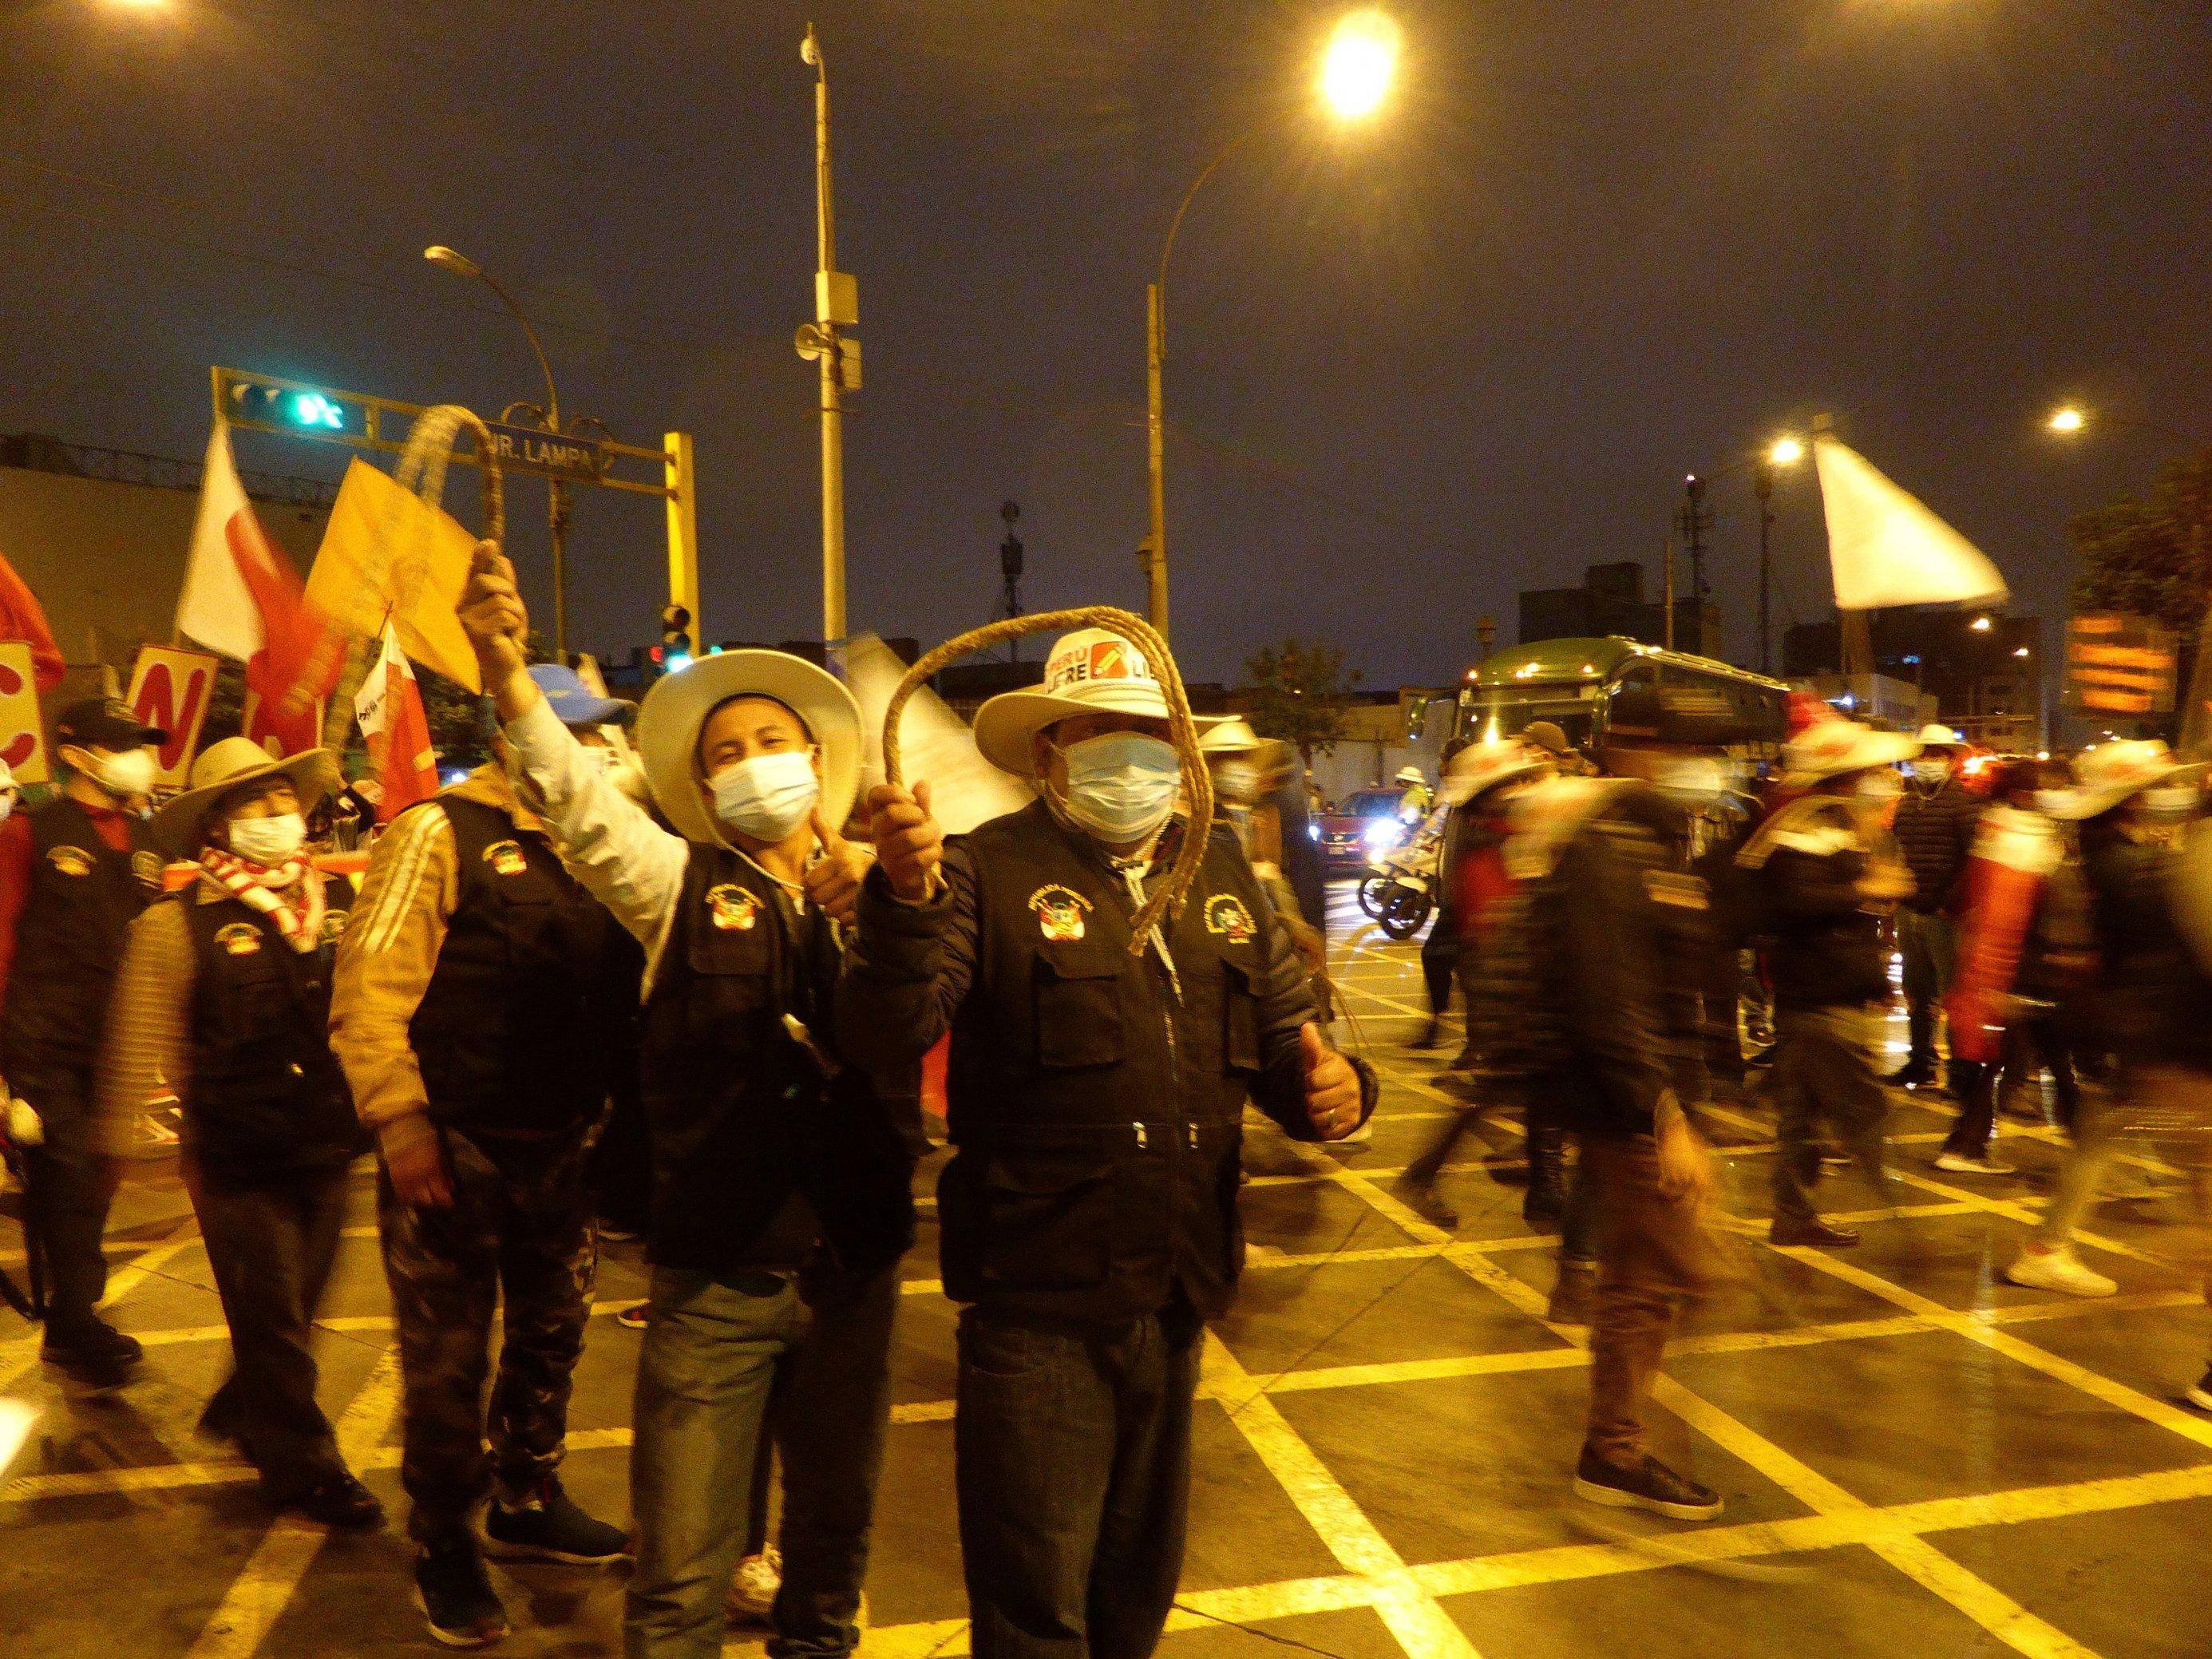 Nachts auf einem Platz in Lima. Zwei Männer inmitten mehrerer Menschen, mit Strohhüten, Mundschutz, schwingen zwei kleine Hanfgeißeln.